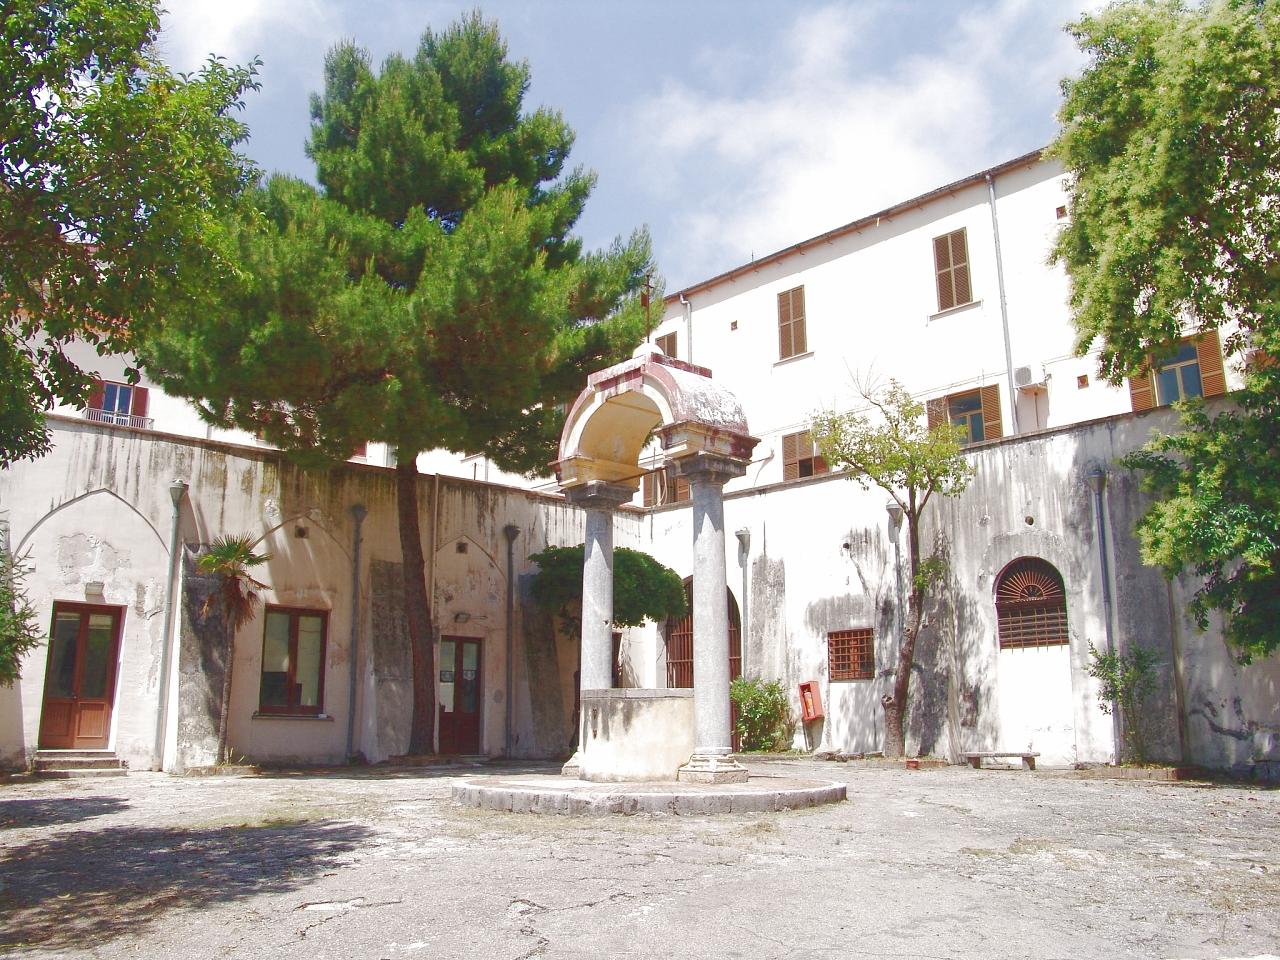 Convento di S.Maria della Porta e S.Domenico (convento) - Salerno (SA)